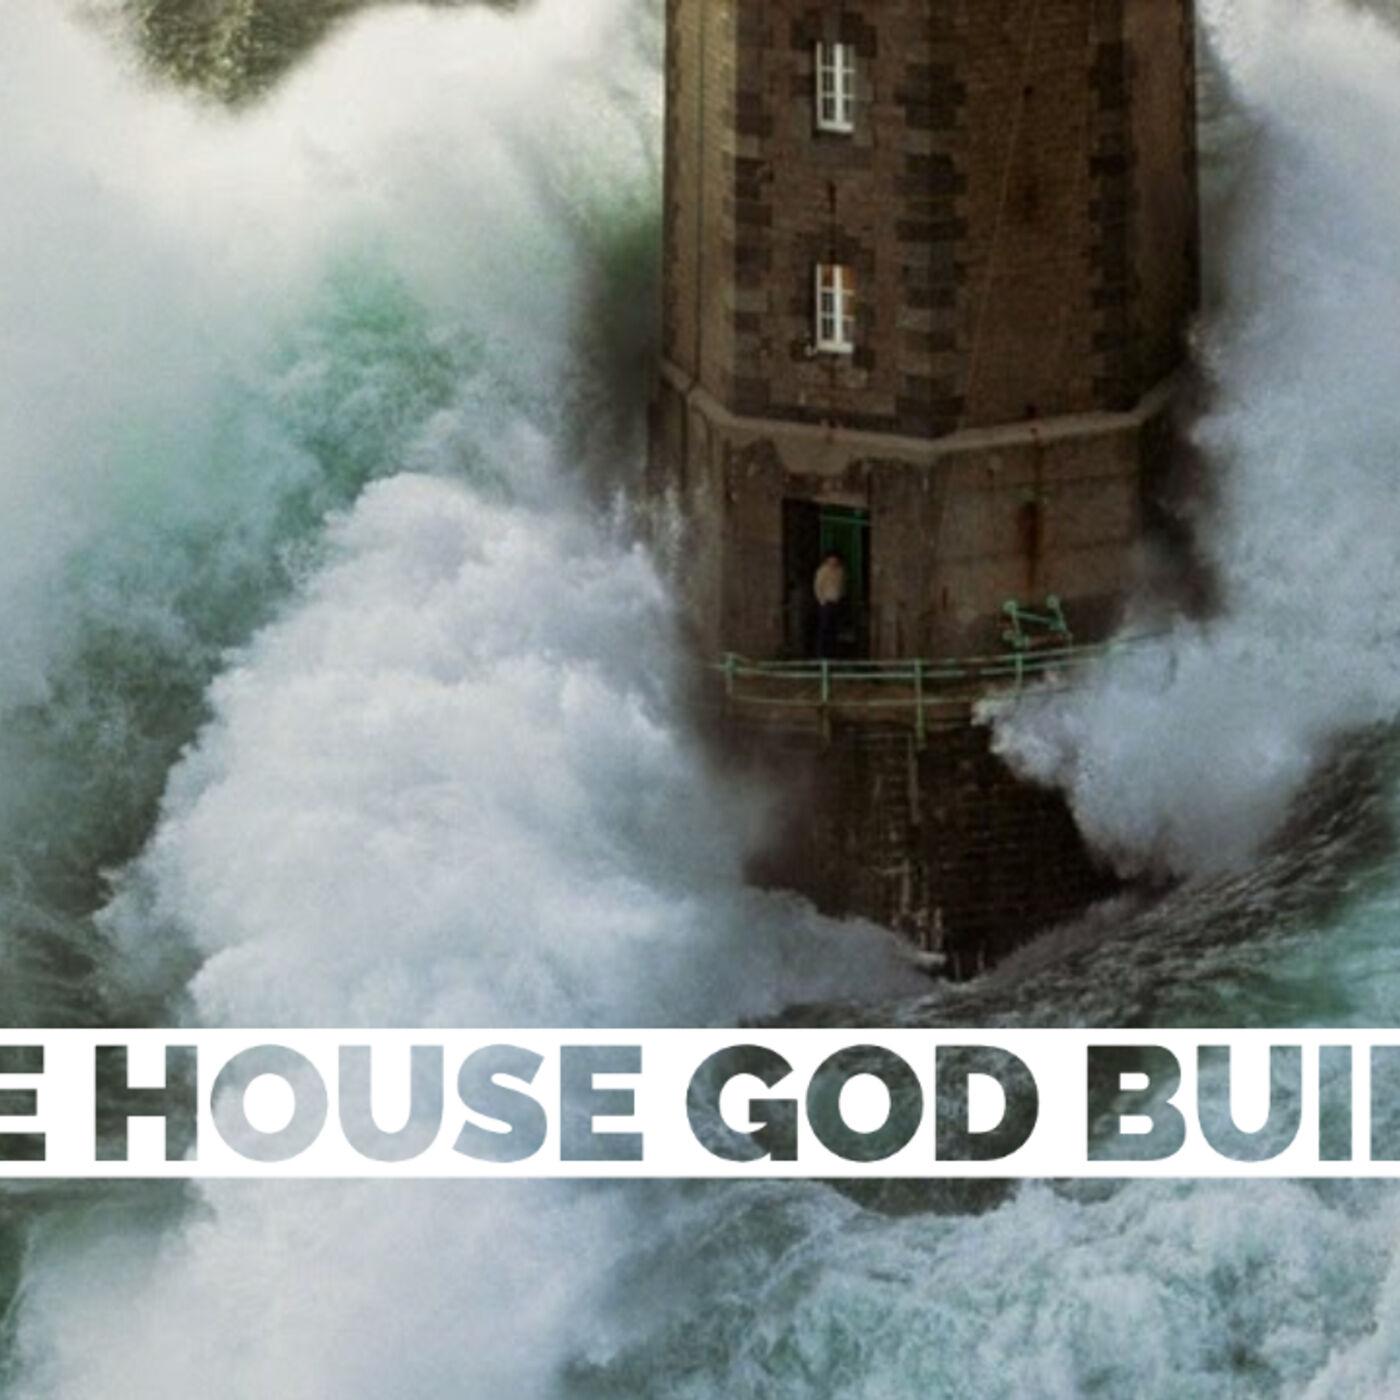 The House God Builds